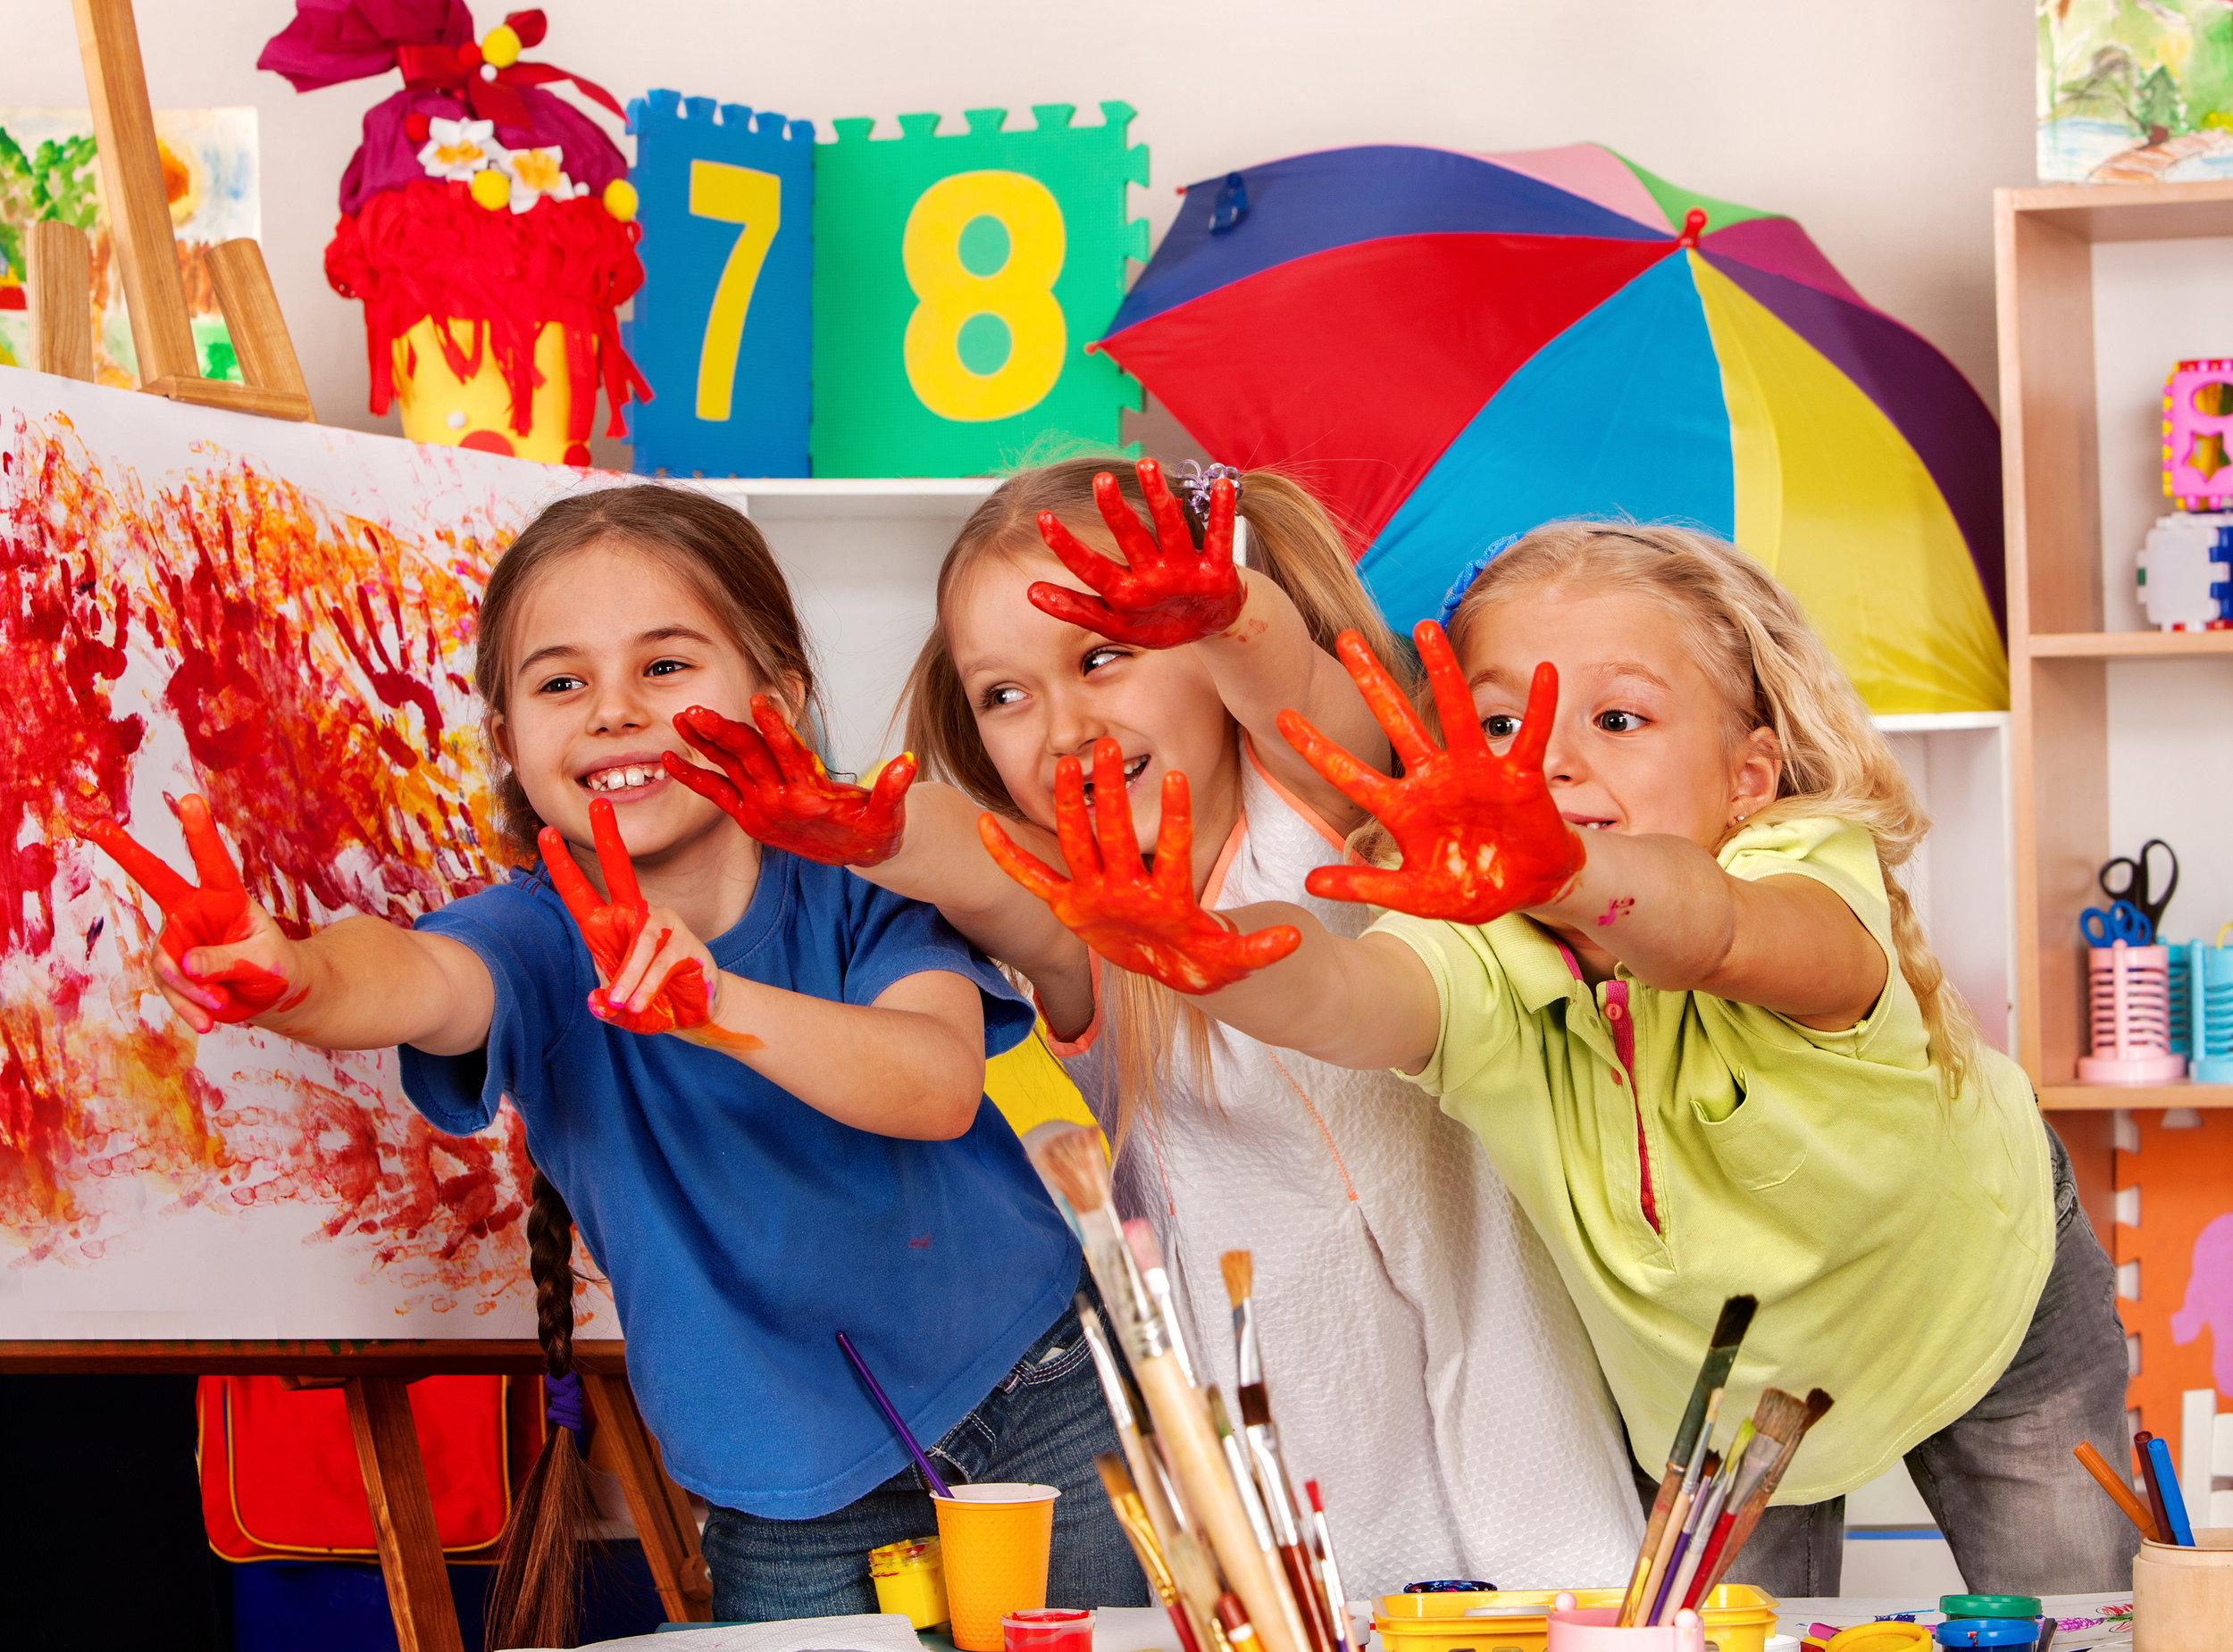 bigstock-Children-painting-finger-on-ea-186832696.jpg